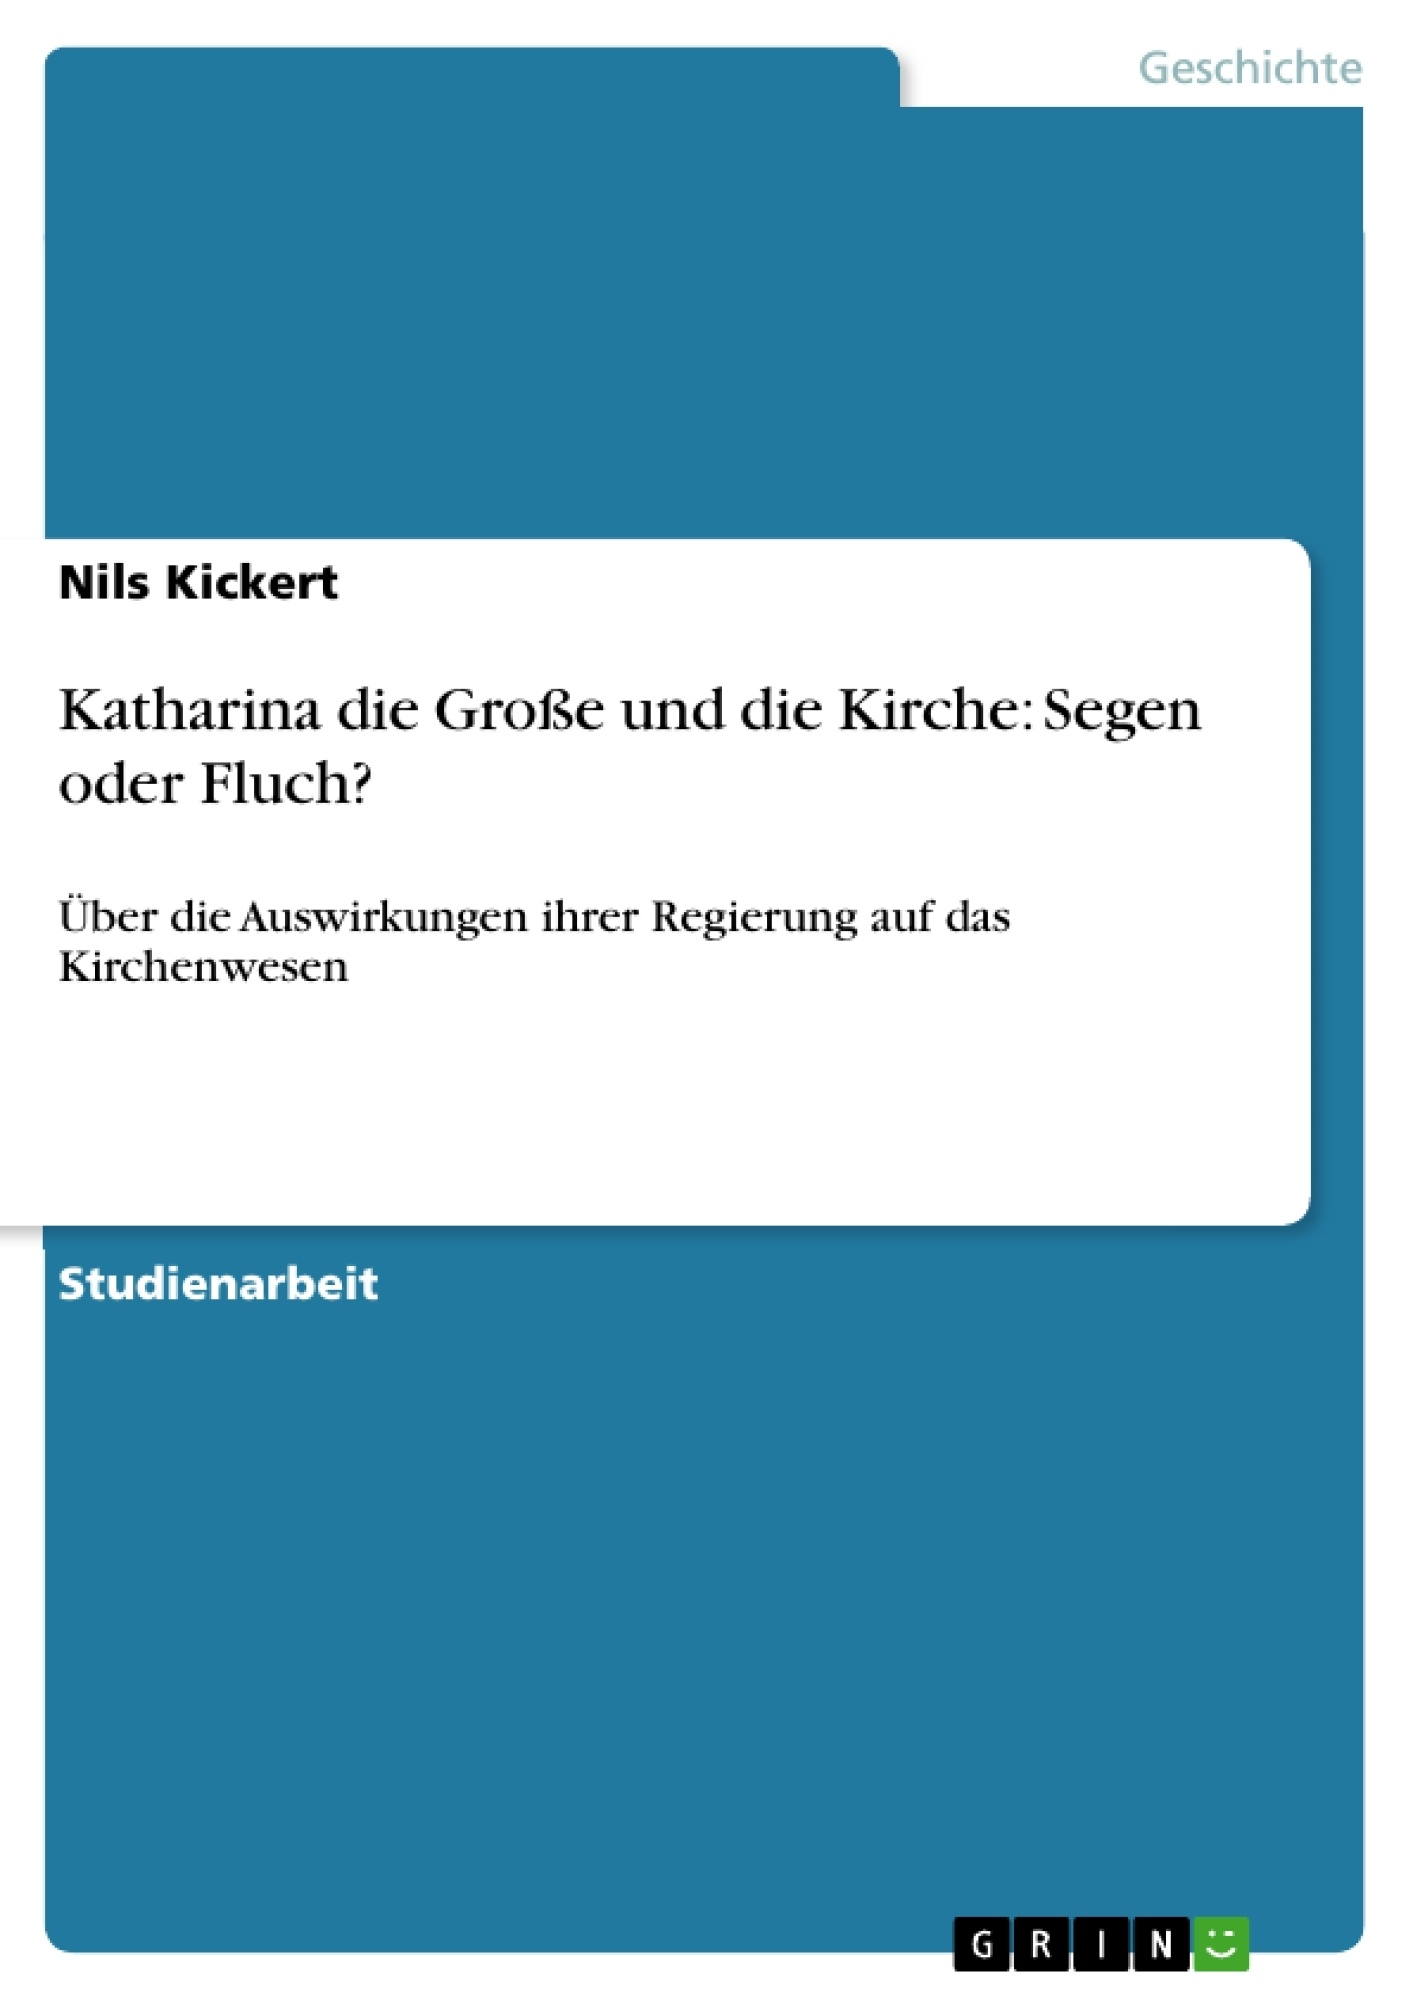 Titel: Katharina die Große und die Kirche: Segen oder Fluch?